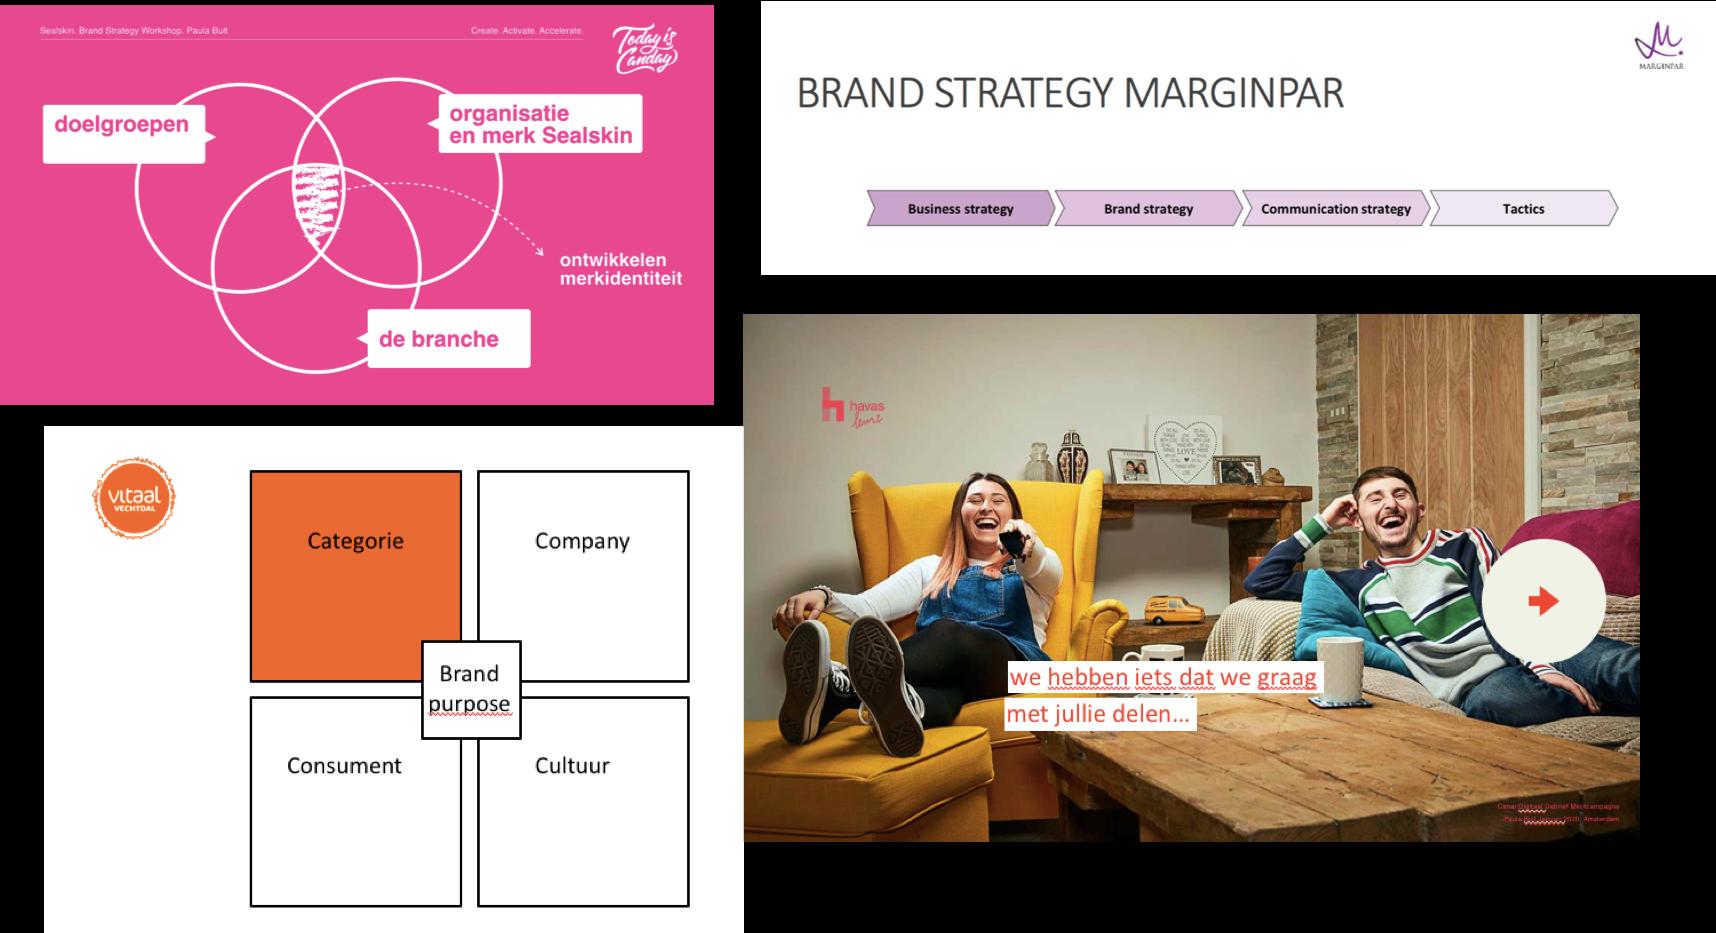 merkstrategie, merkstrateeg, paula buit, brand story, positionering, identiteit, campagnes, concept, branding